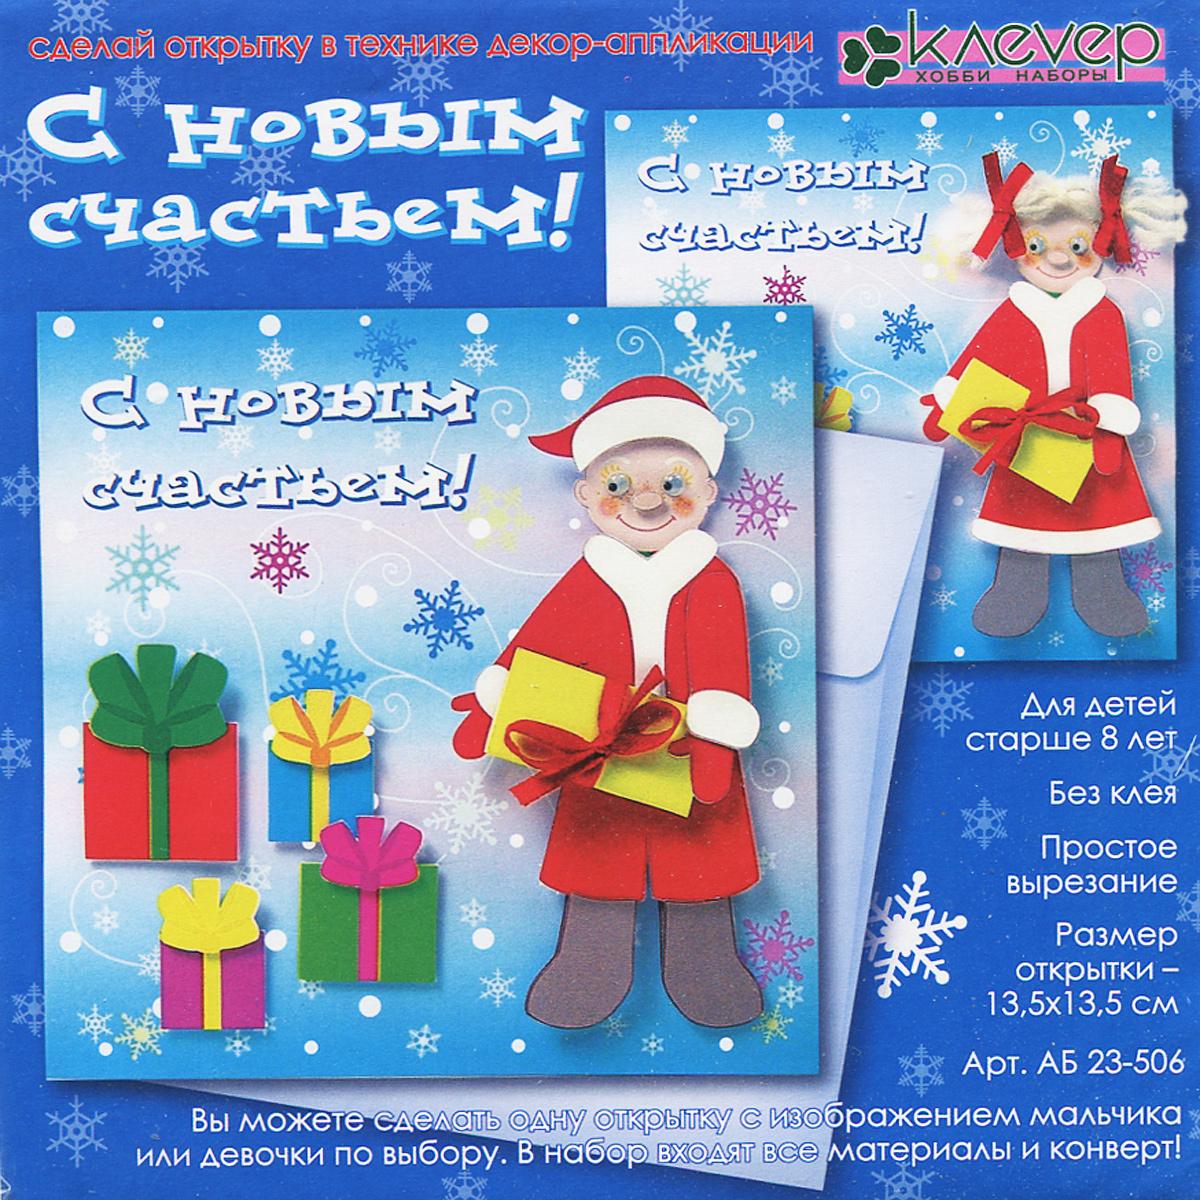 Набор для изготовления новогодней открытки С новым счастьемАБ 23-506При помощи набора С новым счастьем вы сможете создать великолепную открытку, без клея, просто вырезая рисунки. Вы можете сделать одну открытку с изображением мальчика или девочки по выбору. Набор включает в себя: цветную бумагу, глазки для игрушек, ленту, пряжу, тонкую и объемную двухстороннюю клейкую ленту, открытку, конверт, инструкцию на русском языке.